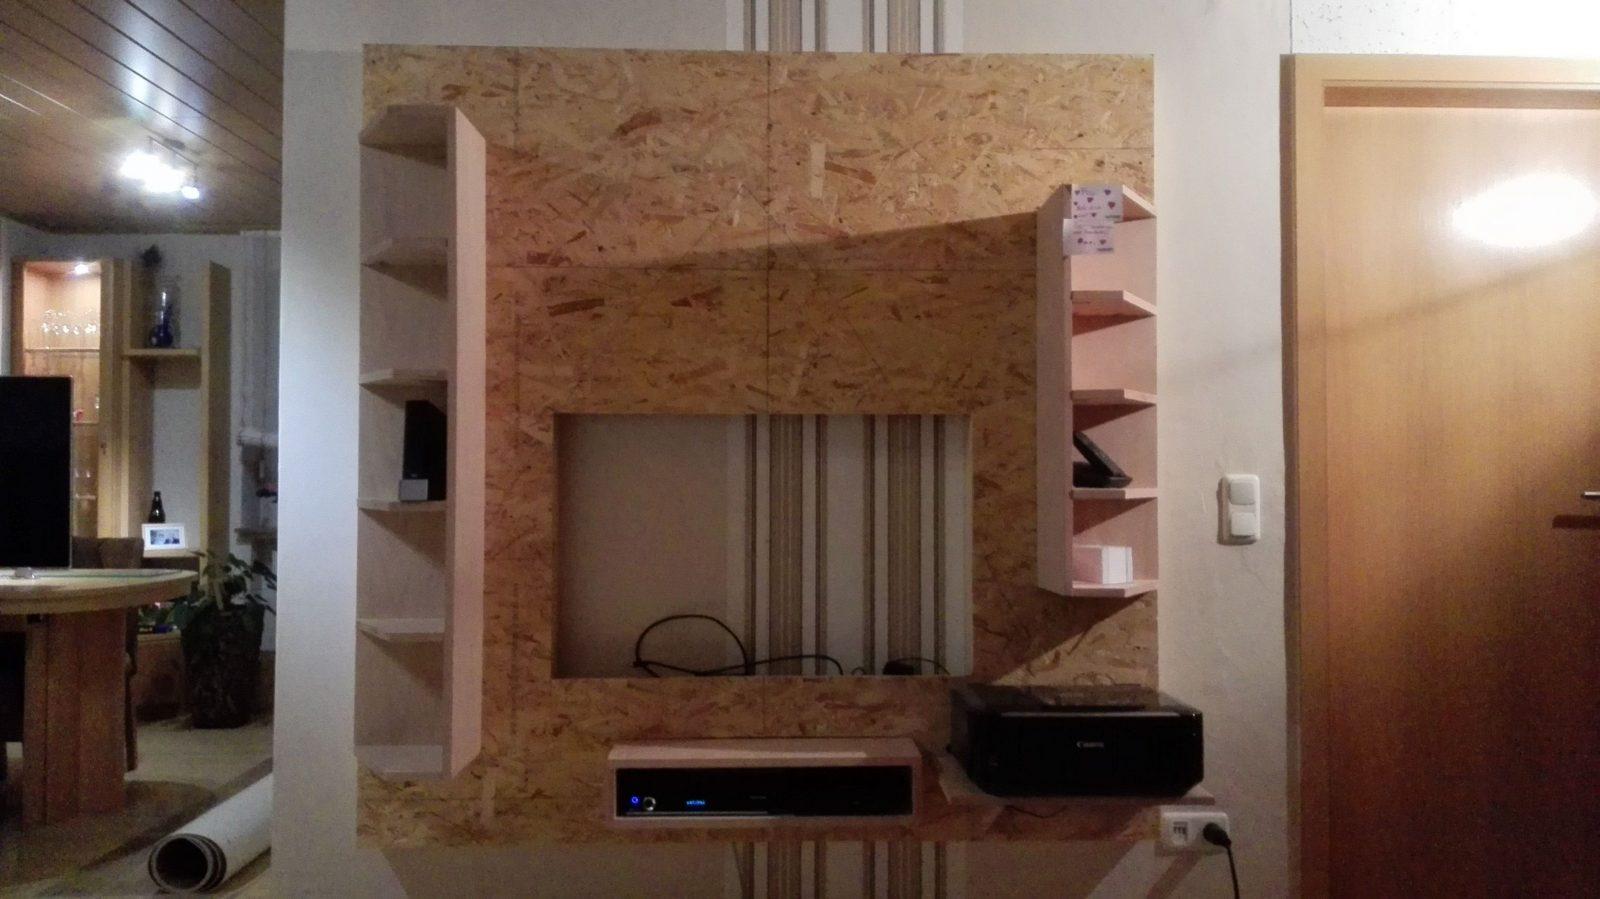 Tv Wand Bauanleitung Zum Selber Bauen  Heimwerkerforum  Holzmöbel von Tv Wand Bauen Anleitung Bild